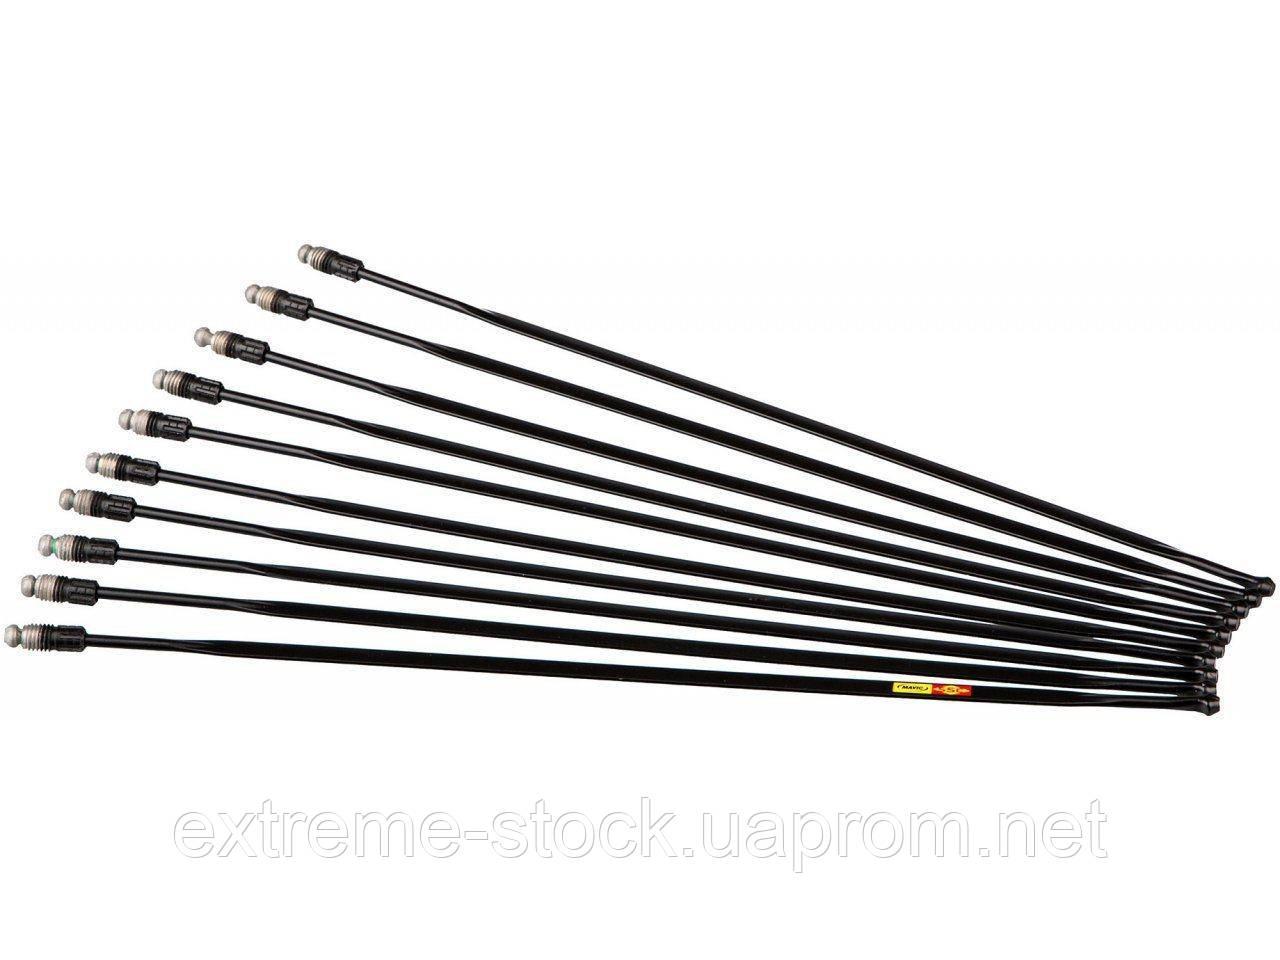 Спиця 291мм Mavic v3660401 - KSYRIUM DISC 18, передня/задня ліва, сталь, чорна